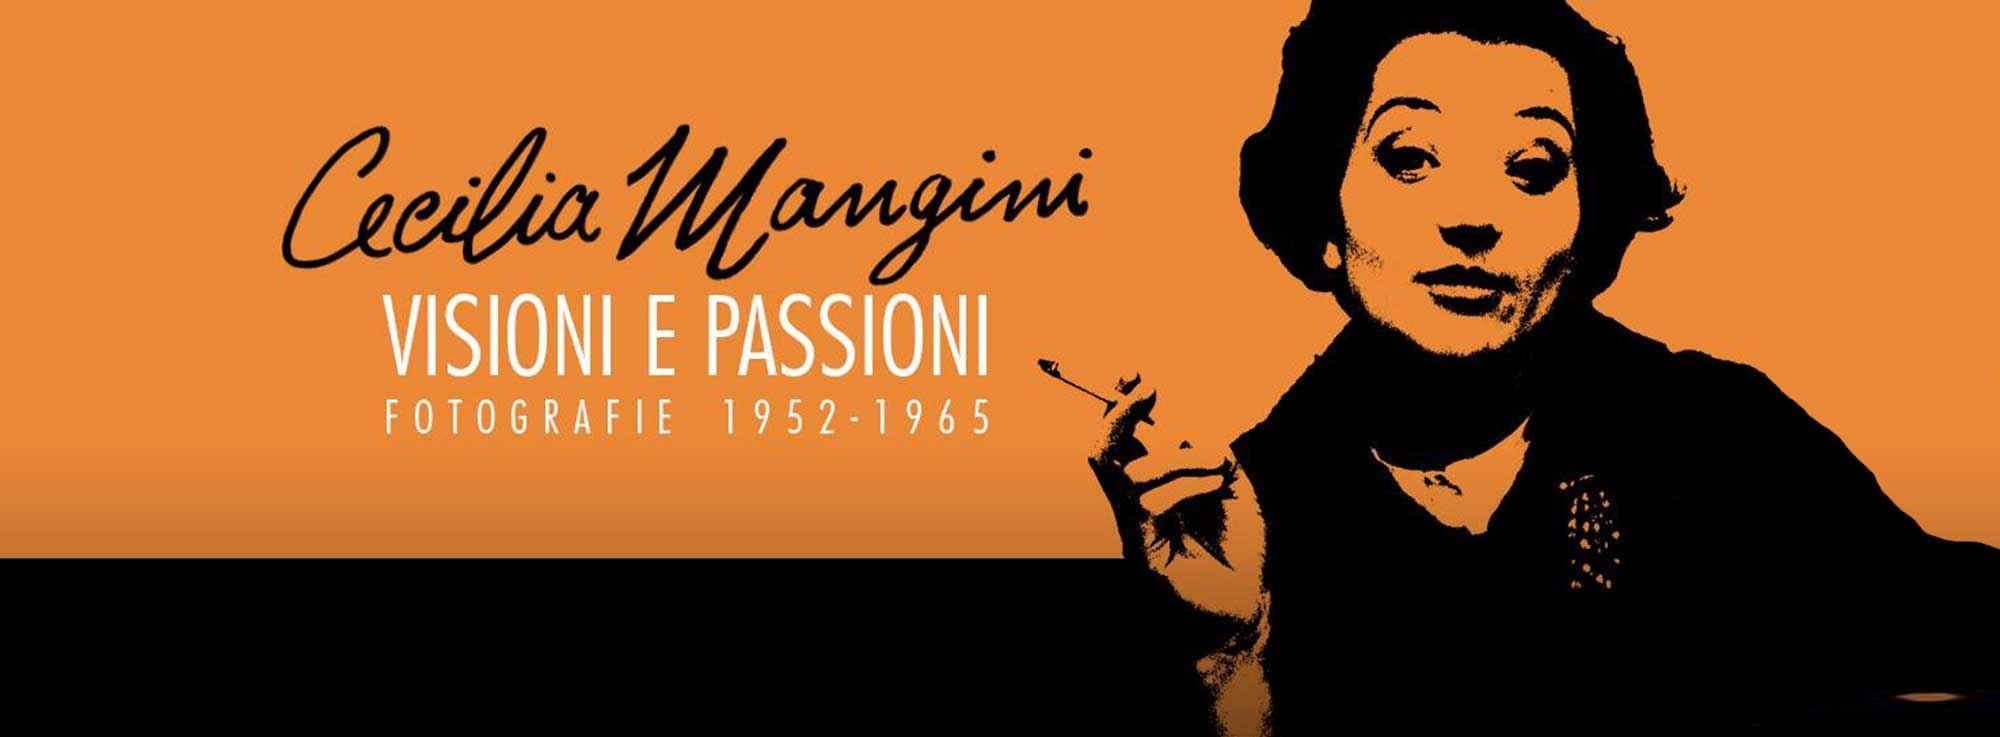 Lecce: Cecilia Mangini - Visioni e passioni